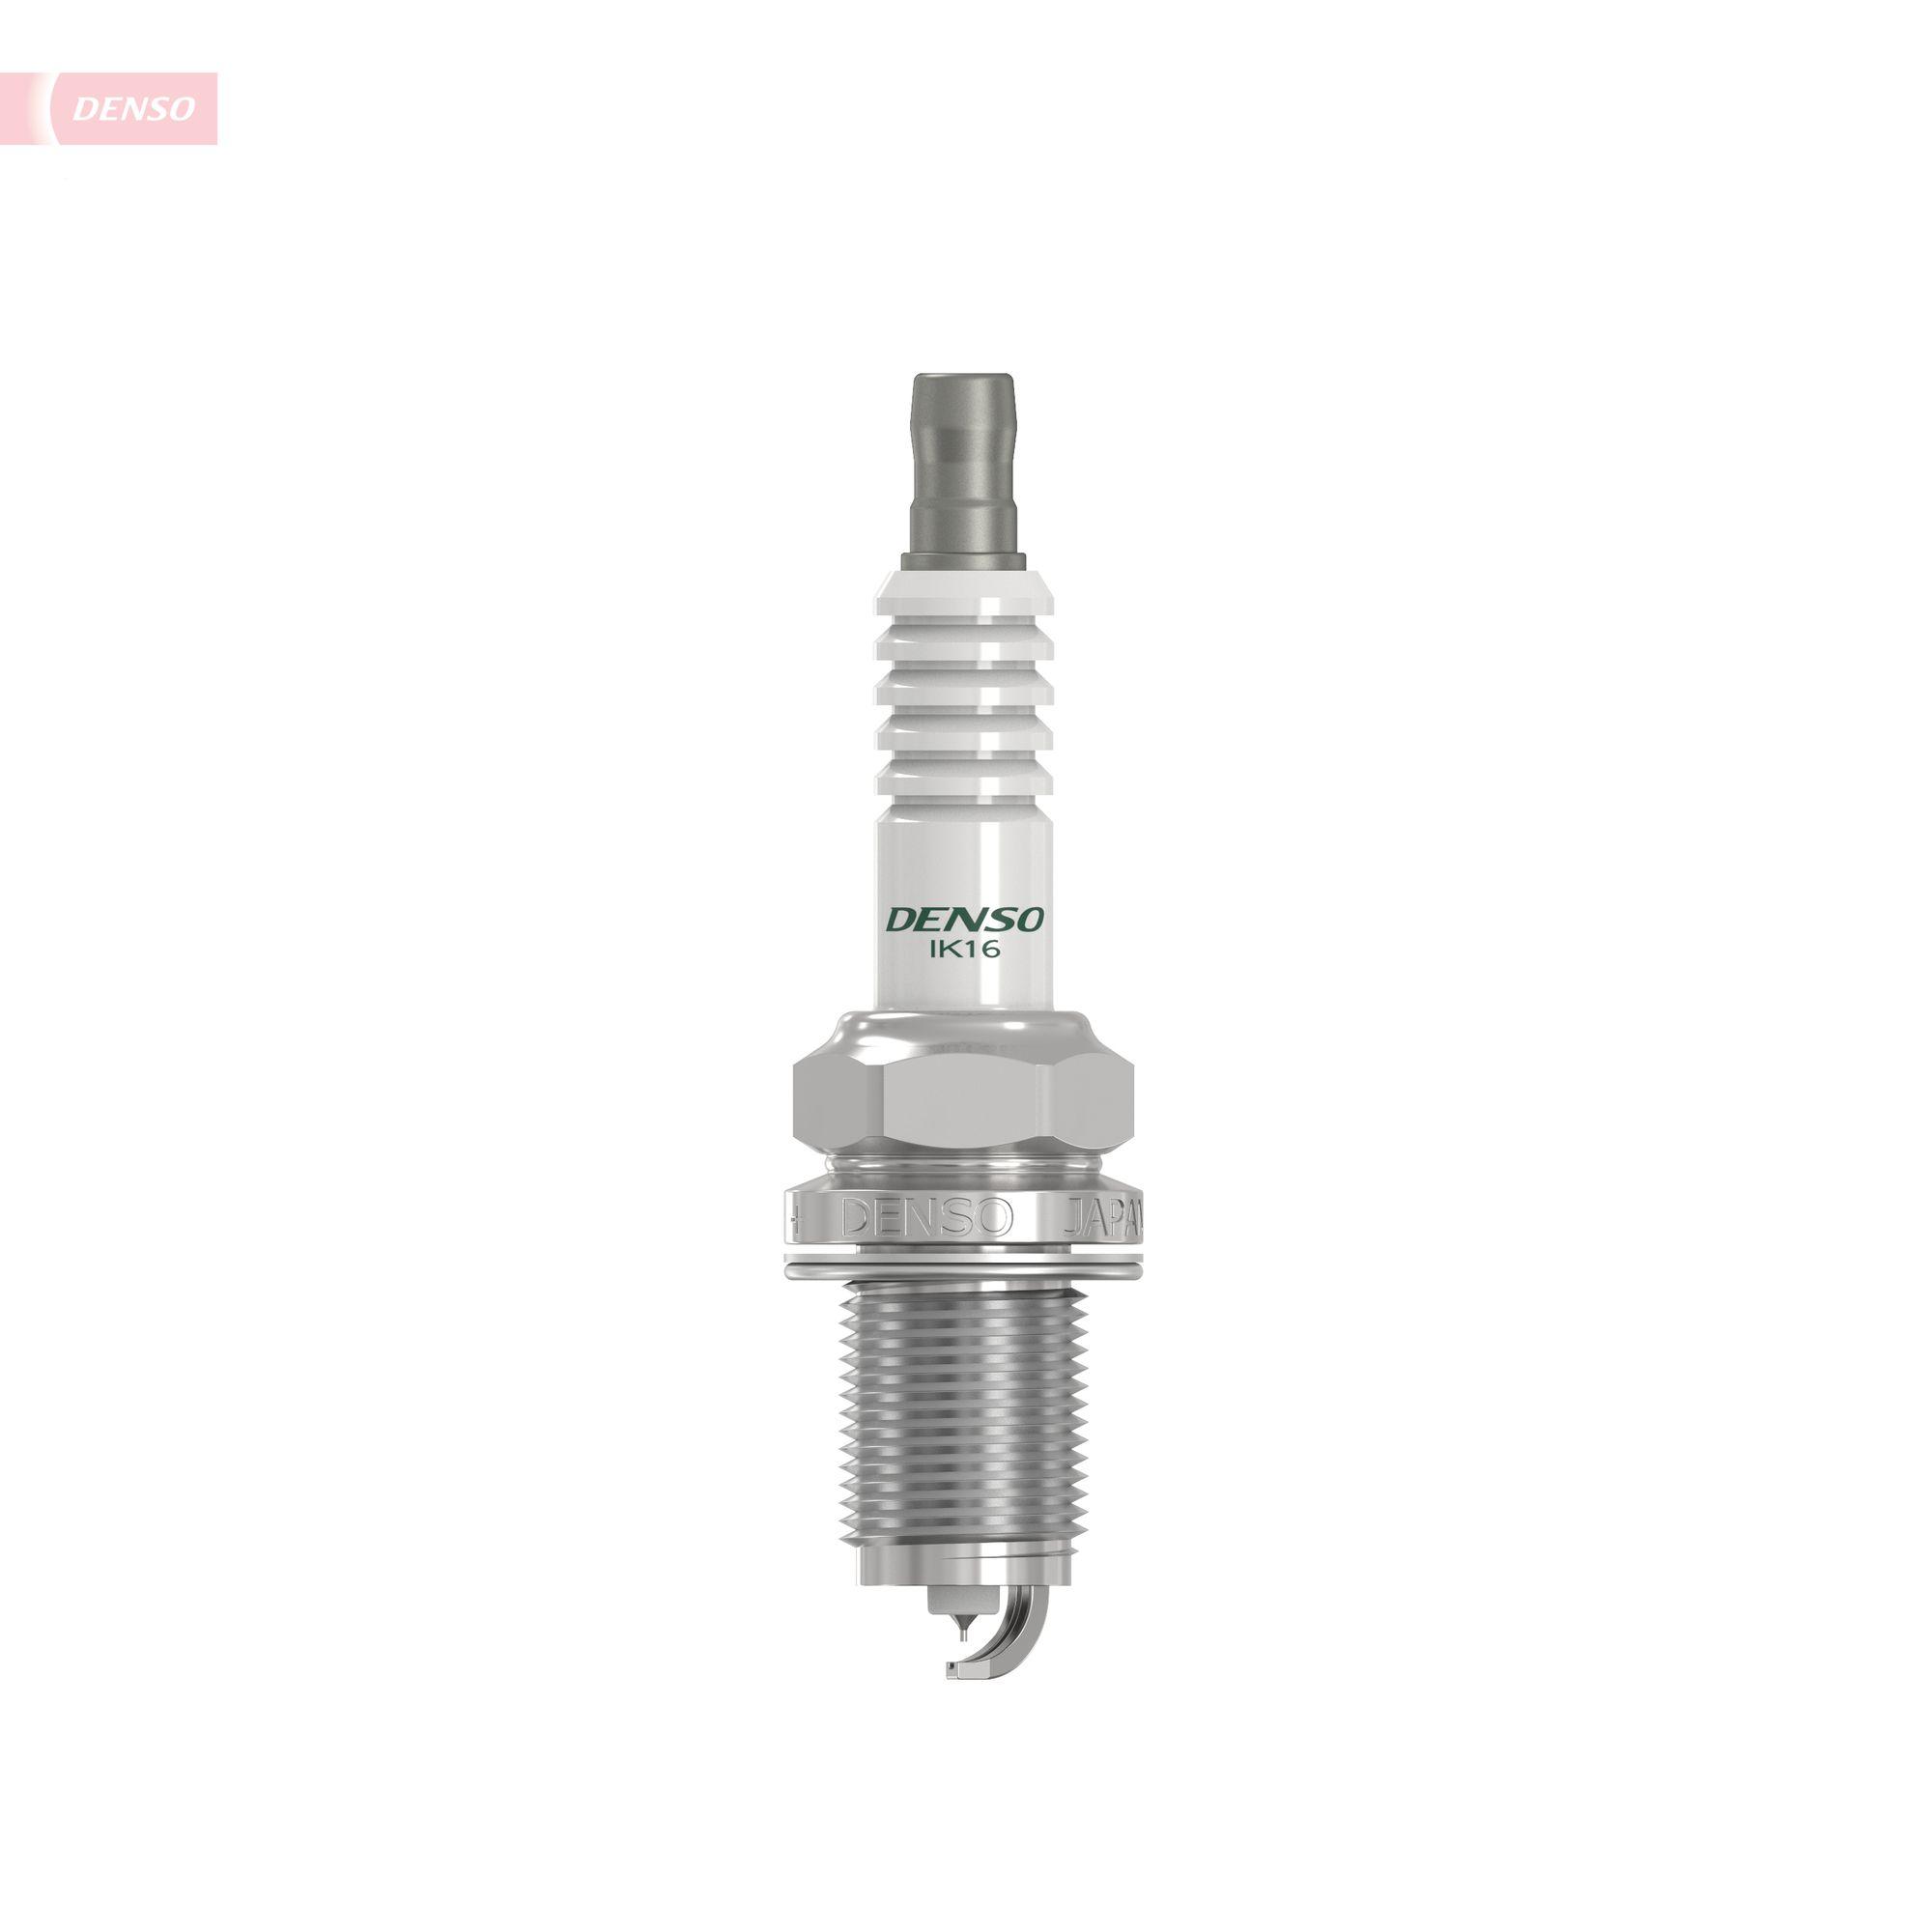 IK16 Bujii DENSO 5303 Selecție largă — preț redus